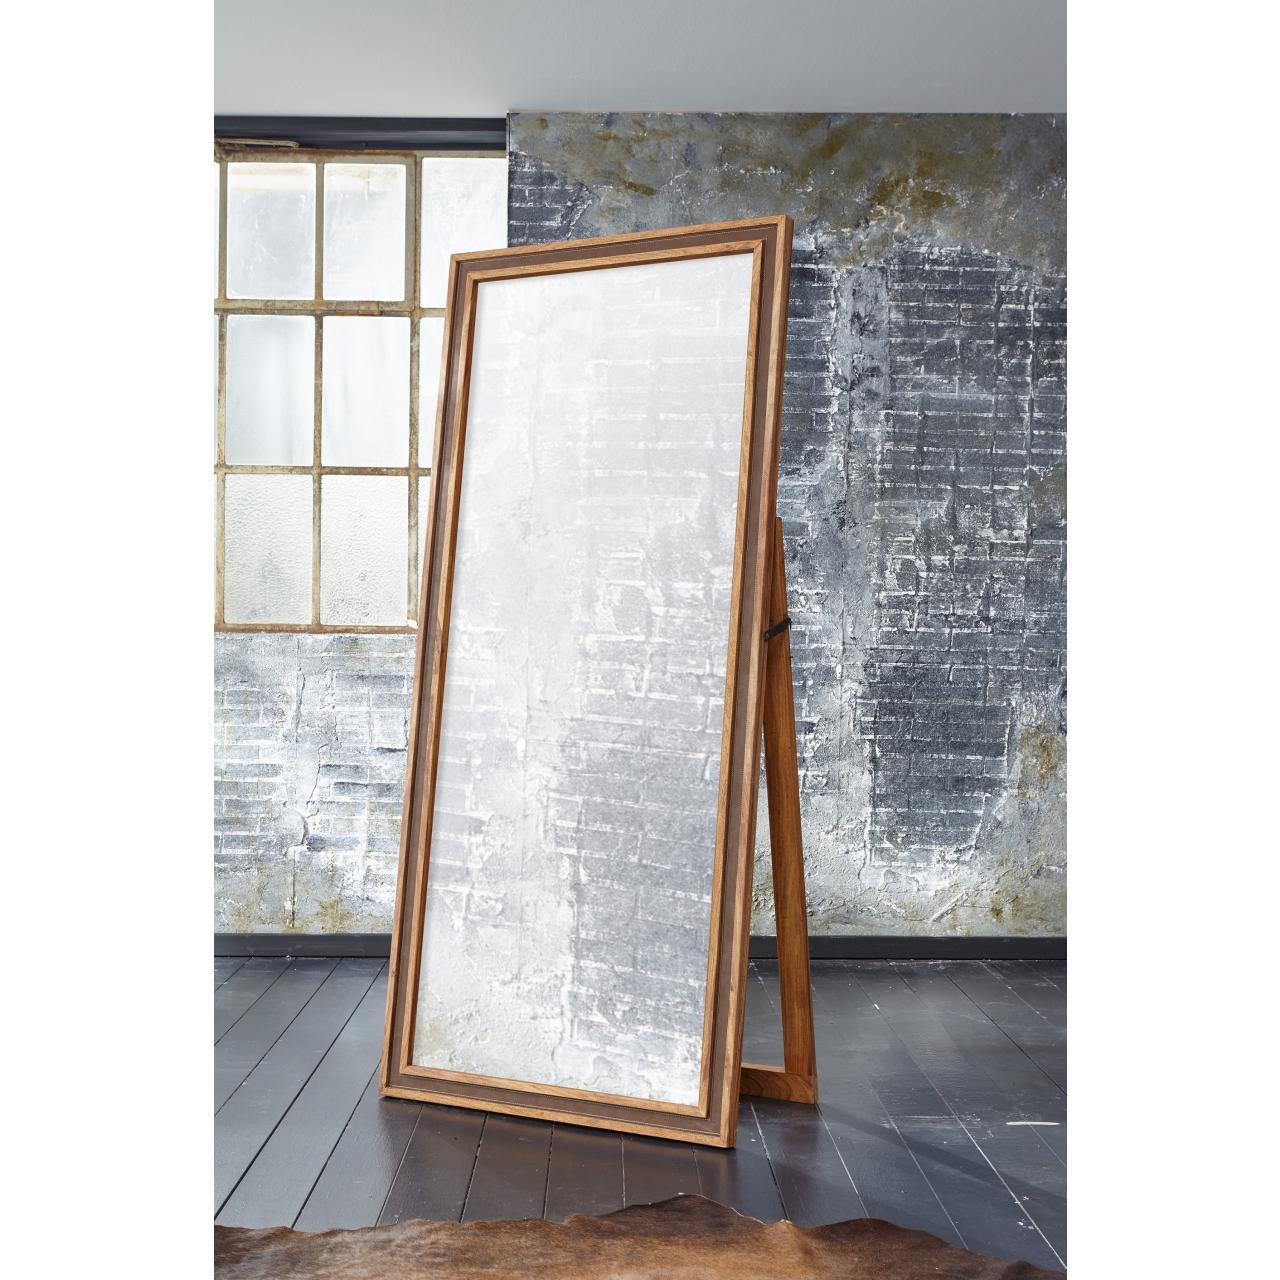 Spiegel Khan 6324 180x80x5 cm rechteckige Form Wandspiegel Indien